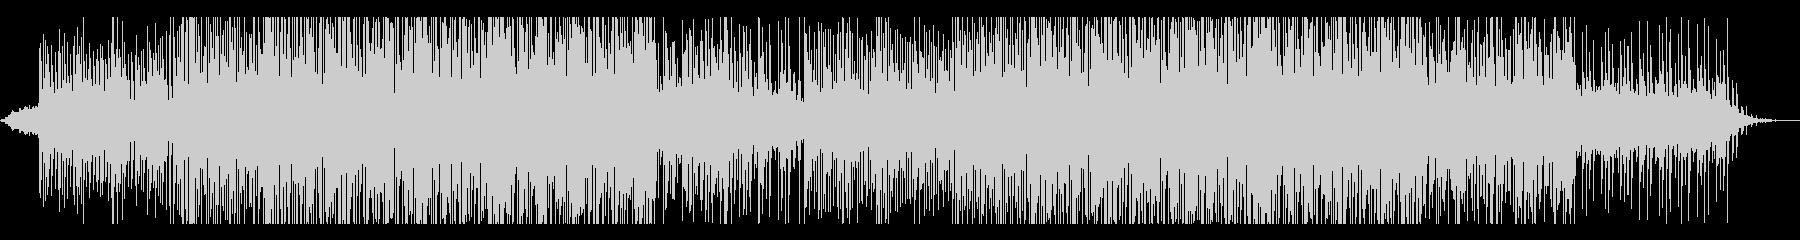 スタイリッシュなチルアウトの曲の未再生の波形